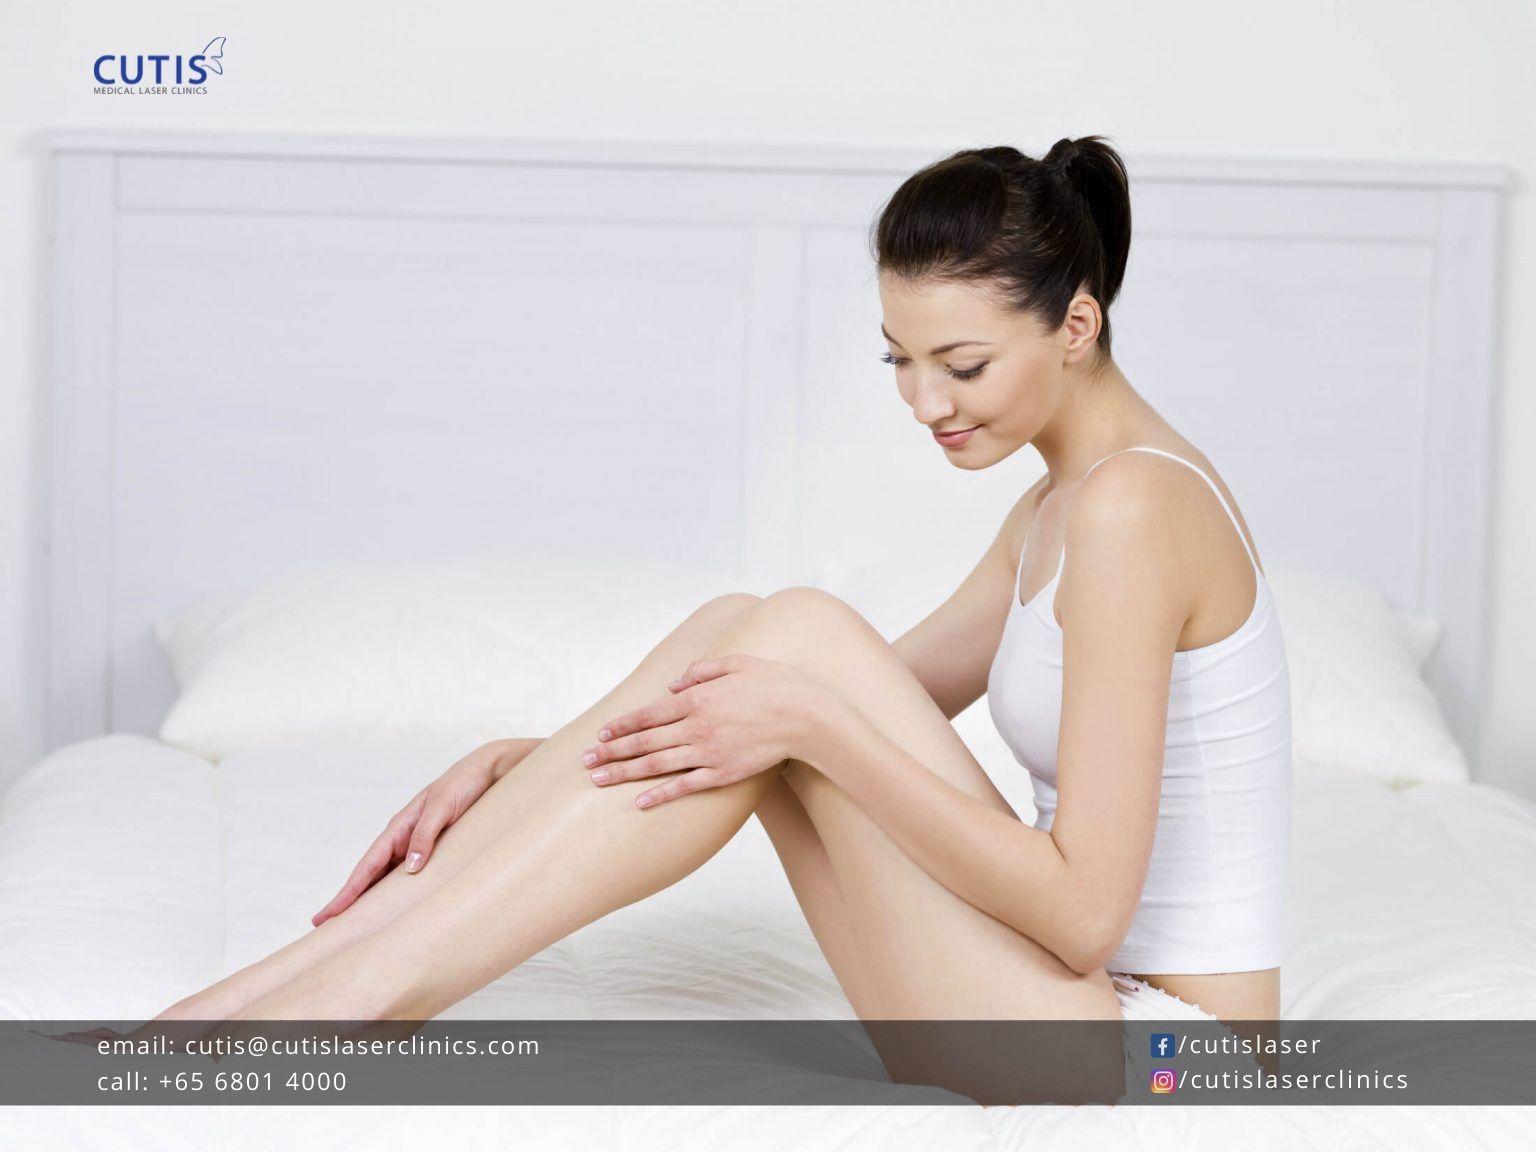 Laser-Hair-Removal-Cutis-Laser-Clinics